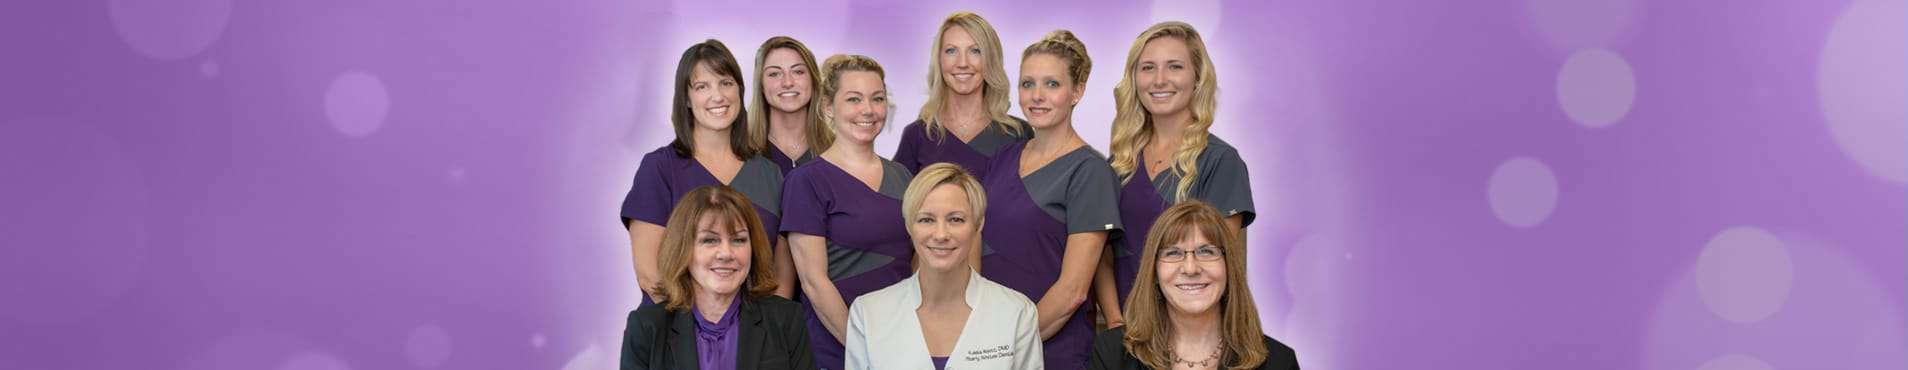 Dental Crowns Dentist Serving Feasterville